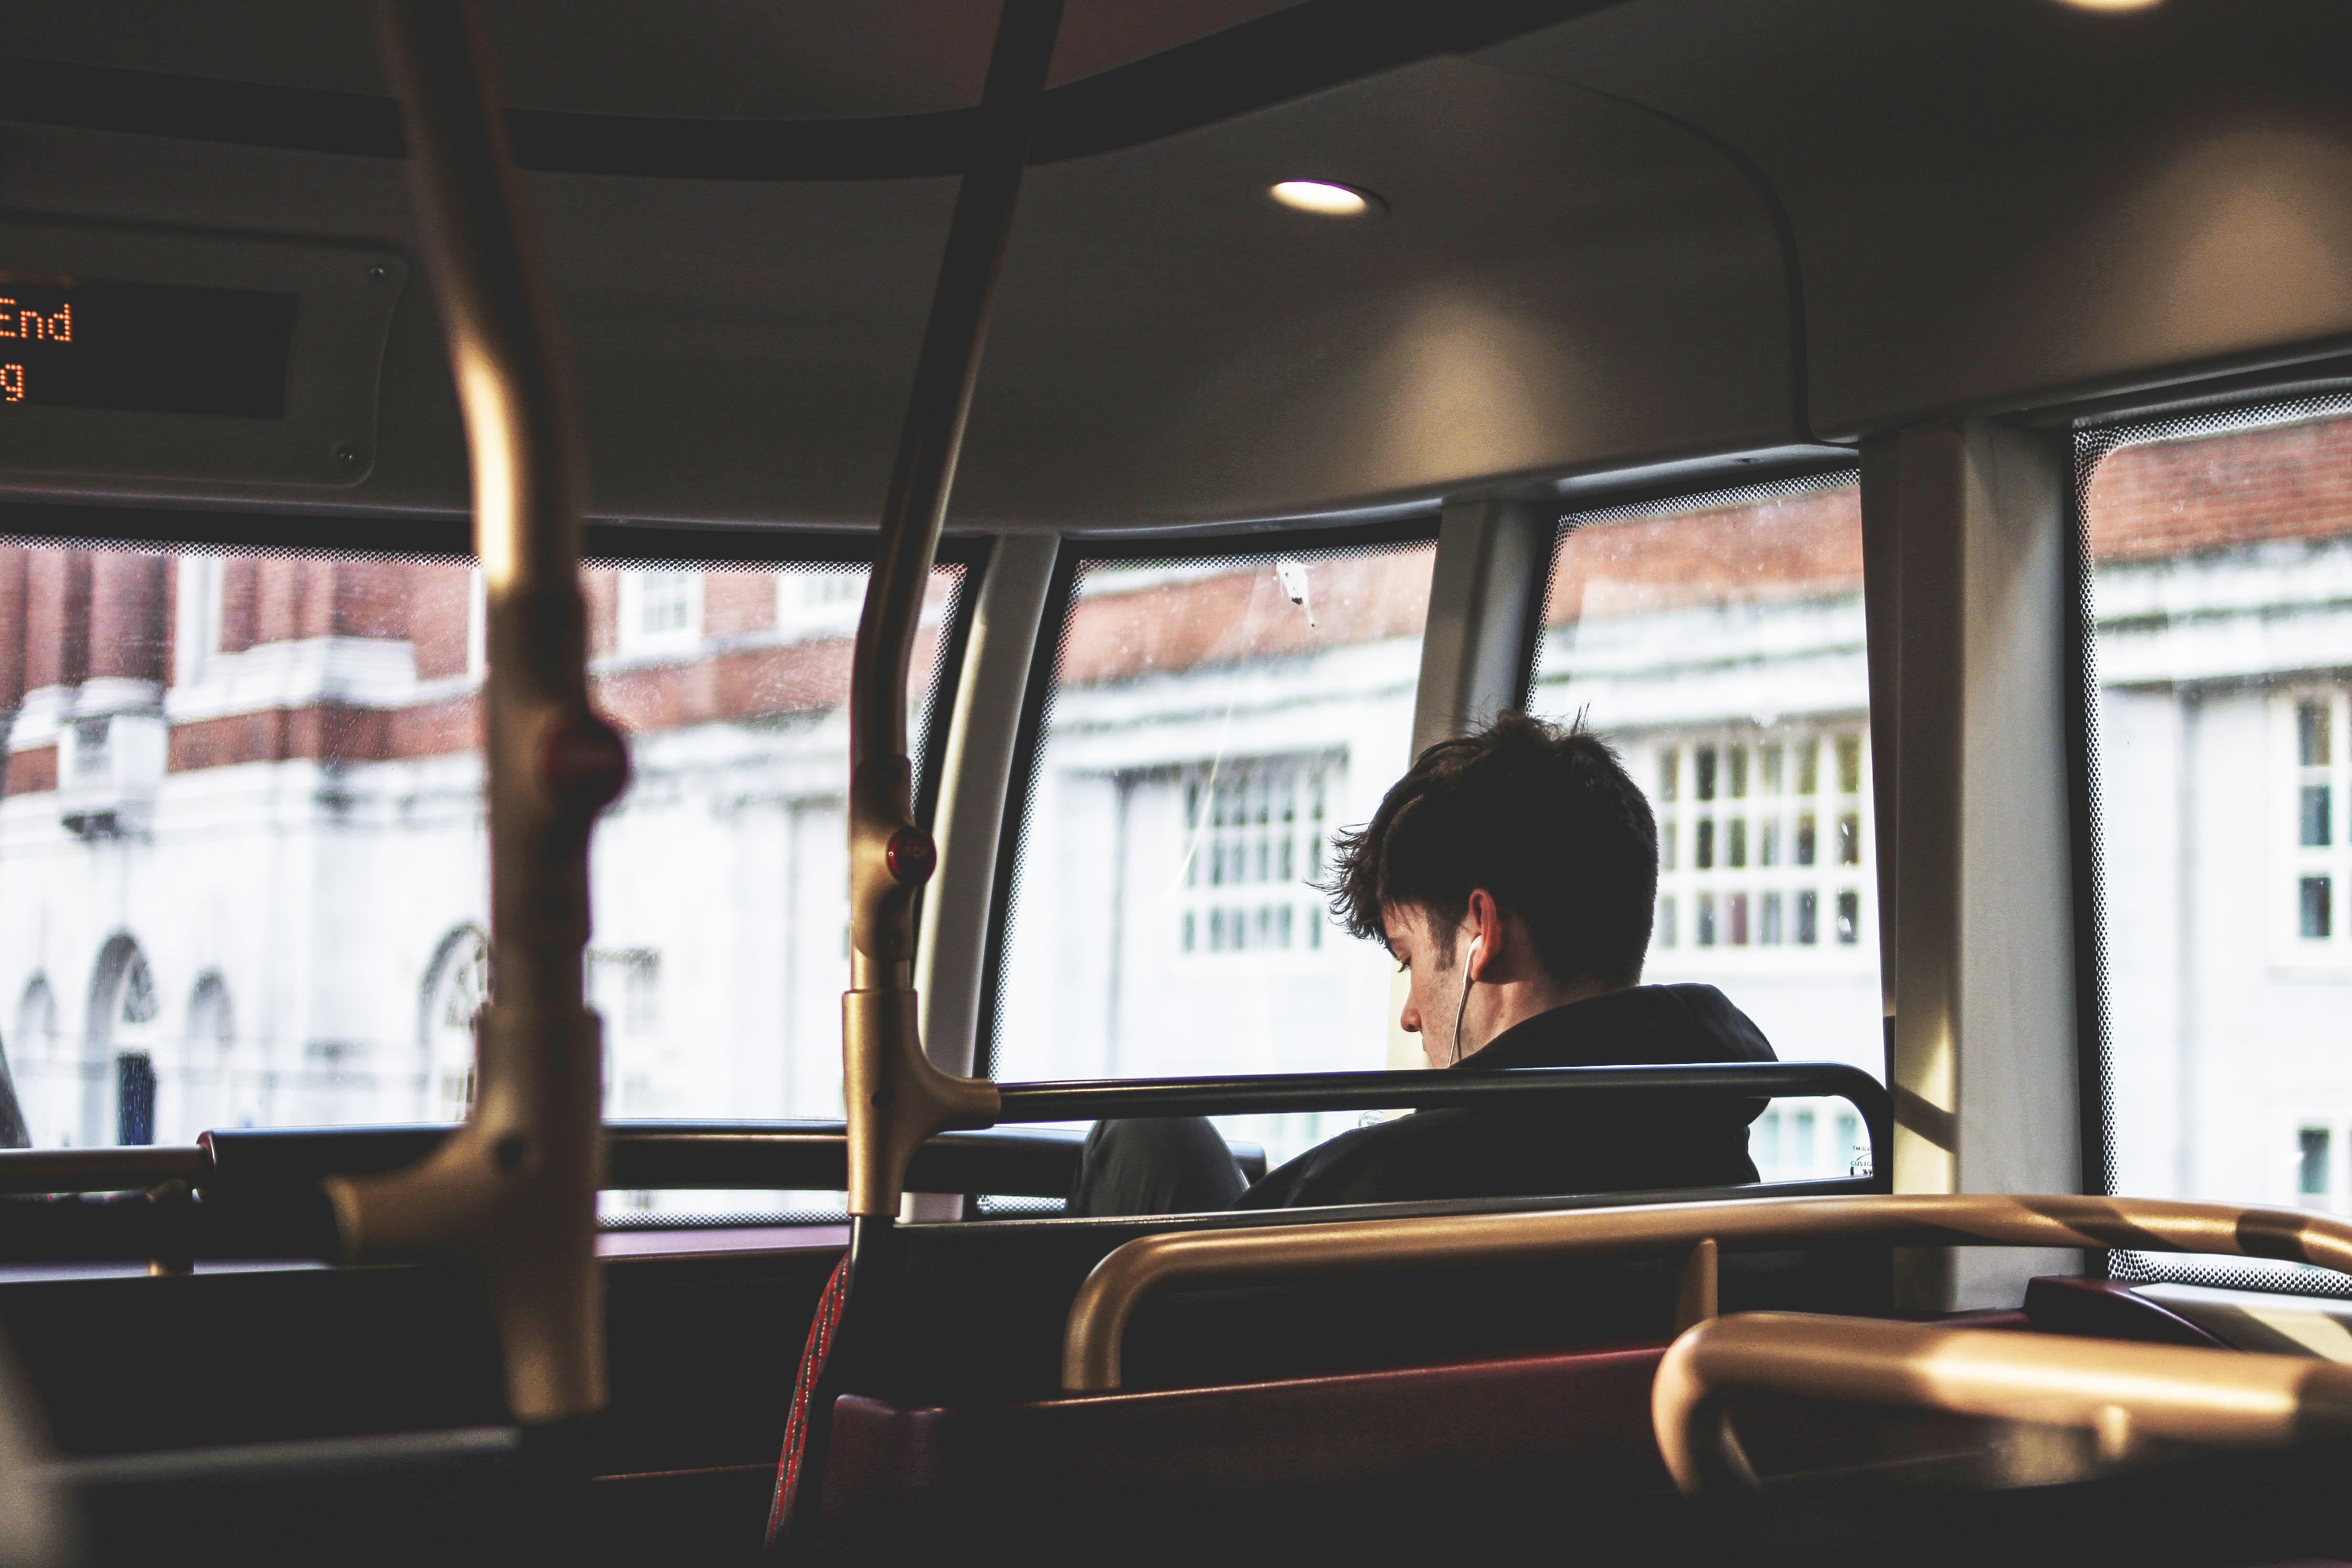 Boy on an empty bus